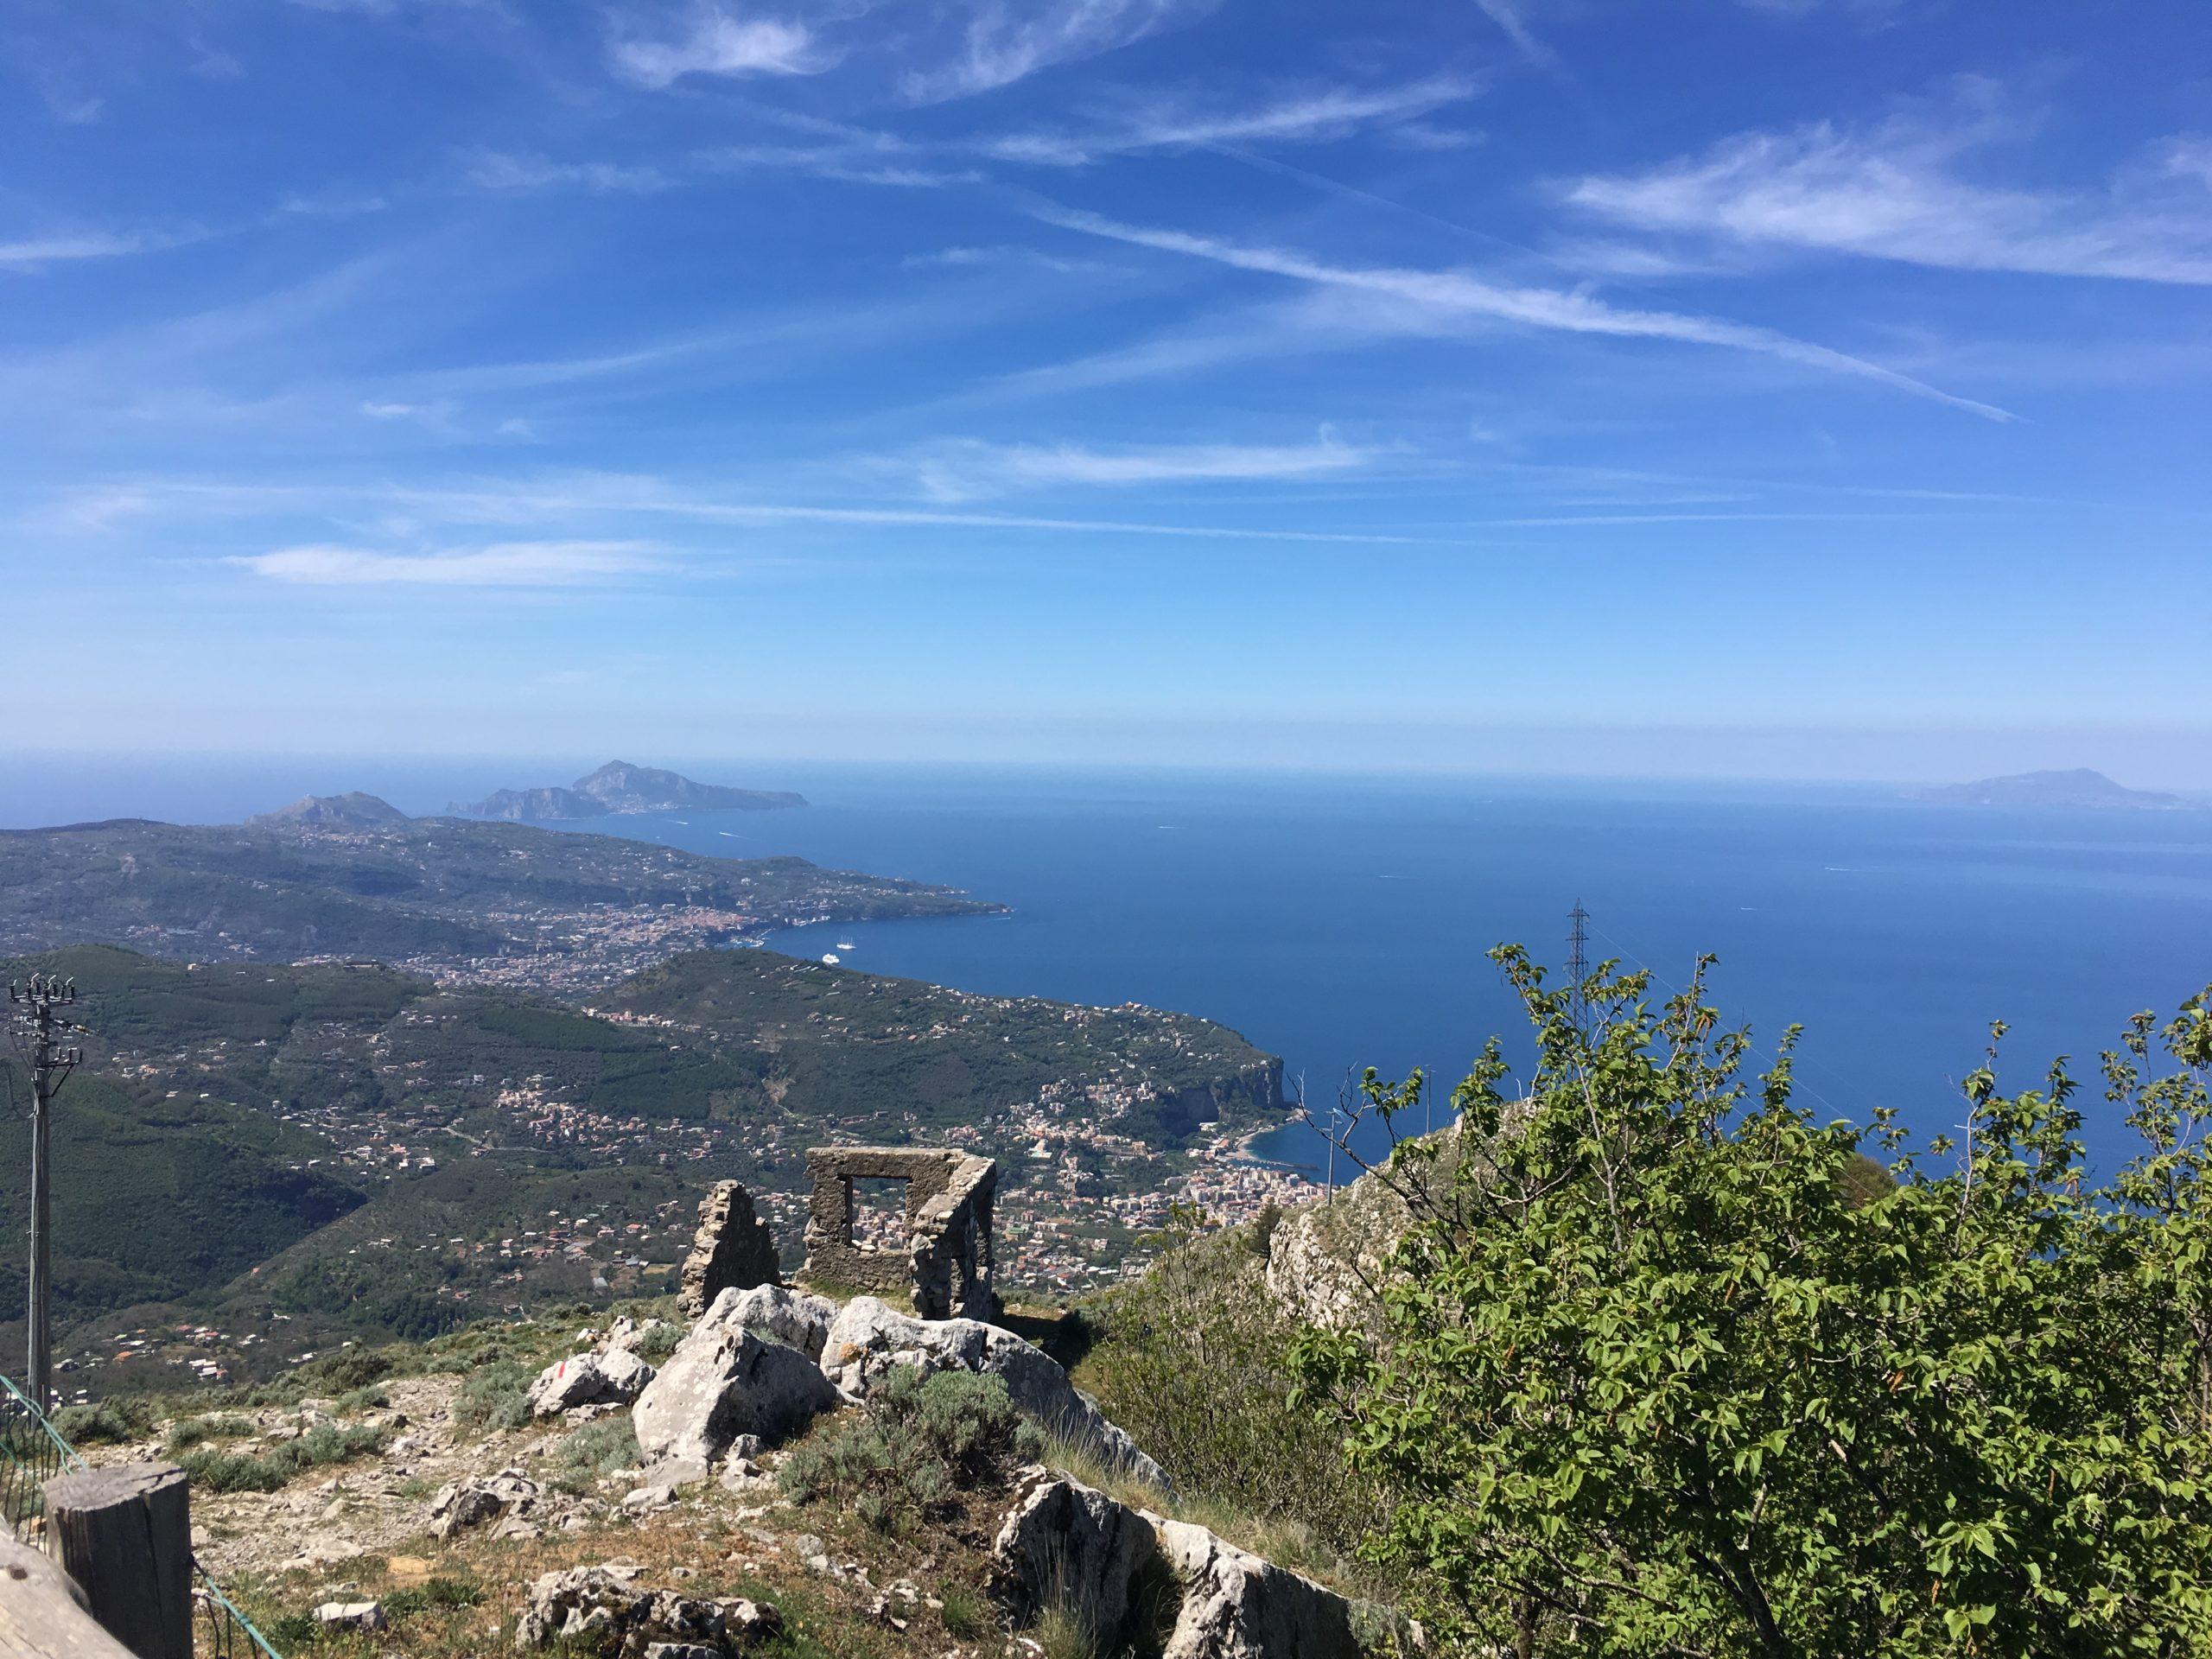 Campania, il Parco regionale dei Monti Lattari diventa gestore del Monte Faito e della Valle delle Ferriere